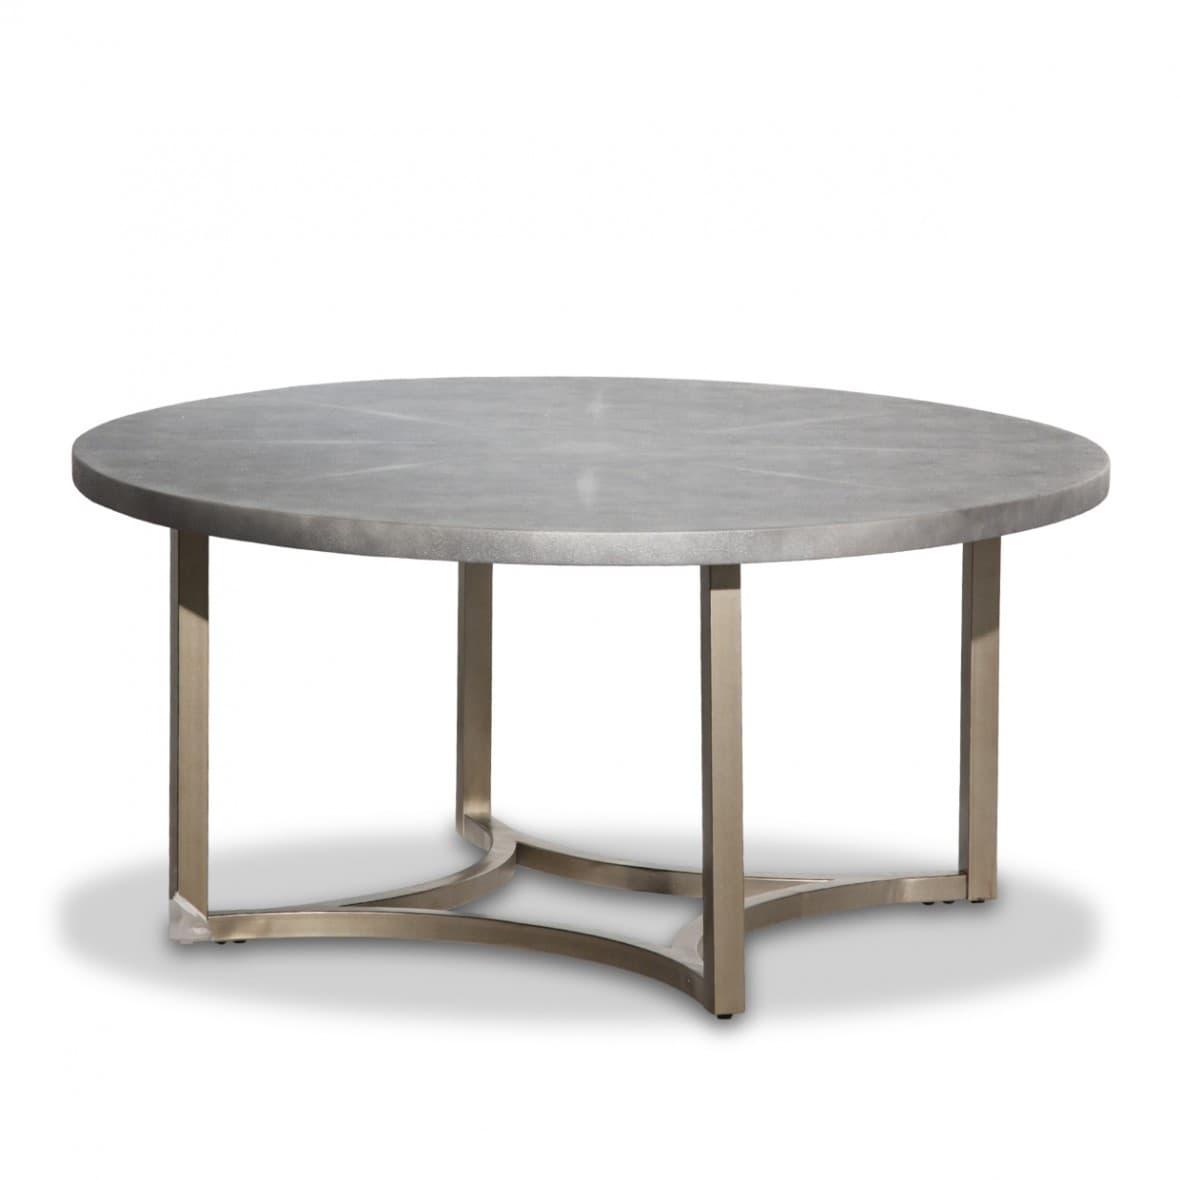 Alta Круглый коктейльный стол с верхом серого мрамора